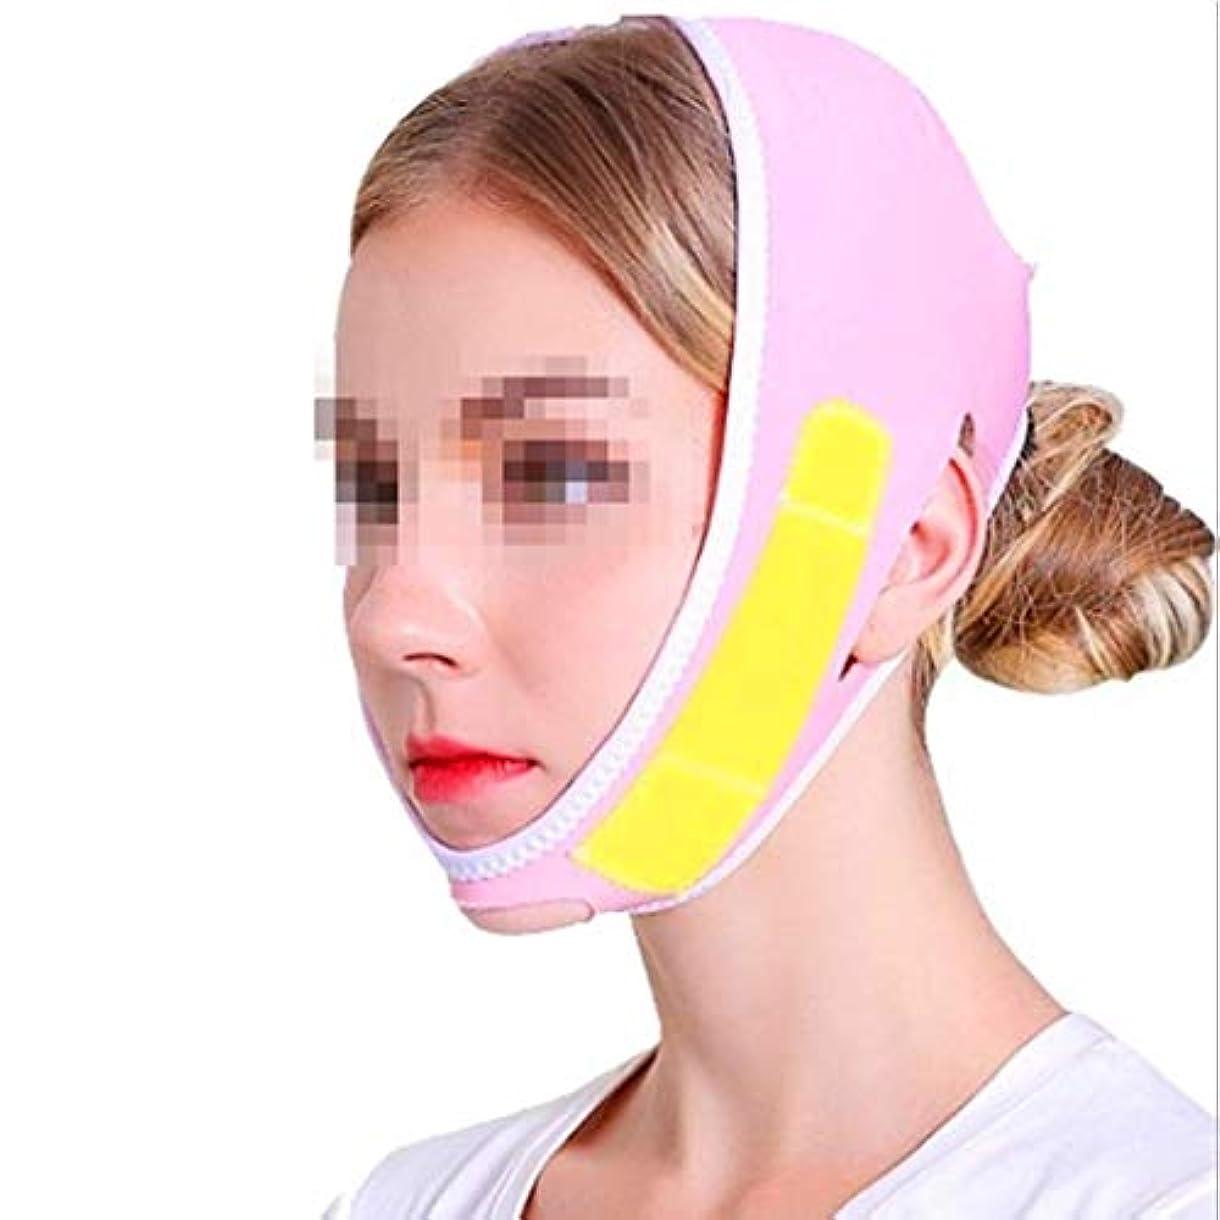 展示会偏差彼女HEMFV 包帯、二重あご減量フェイスベルトを削減Vフェイスベルト補正ベルト・フェイシャルスリミングマスクリフティングフェイス (Color : Pink)